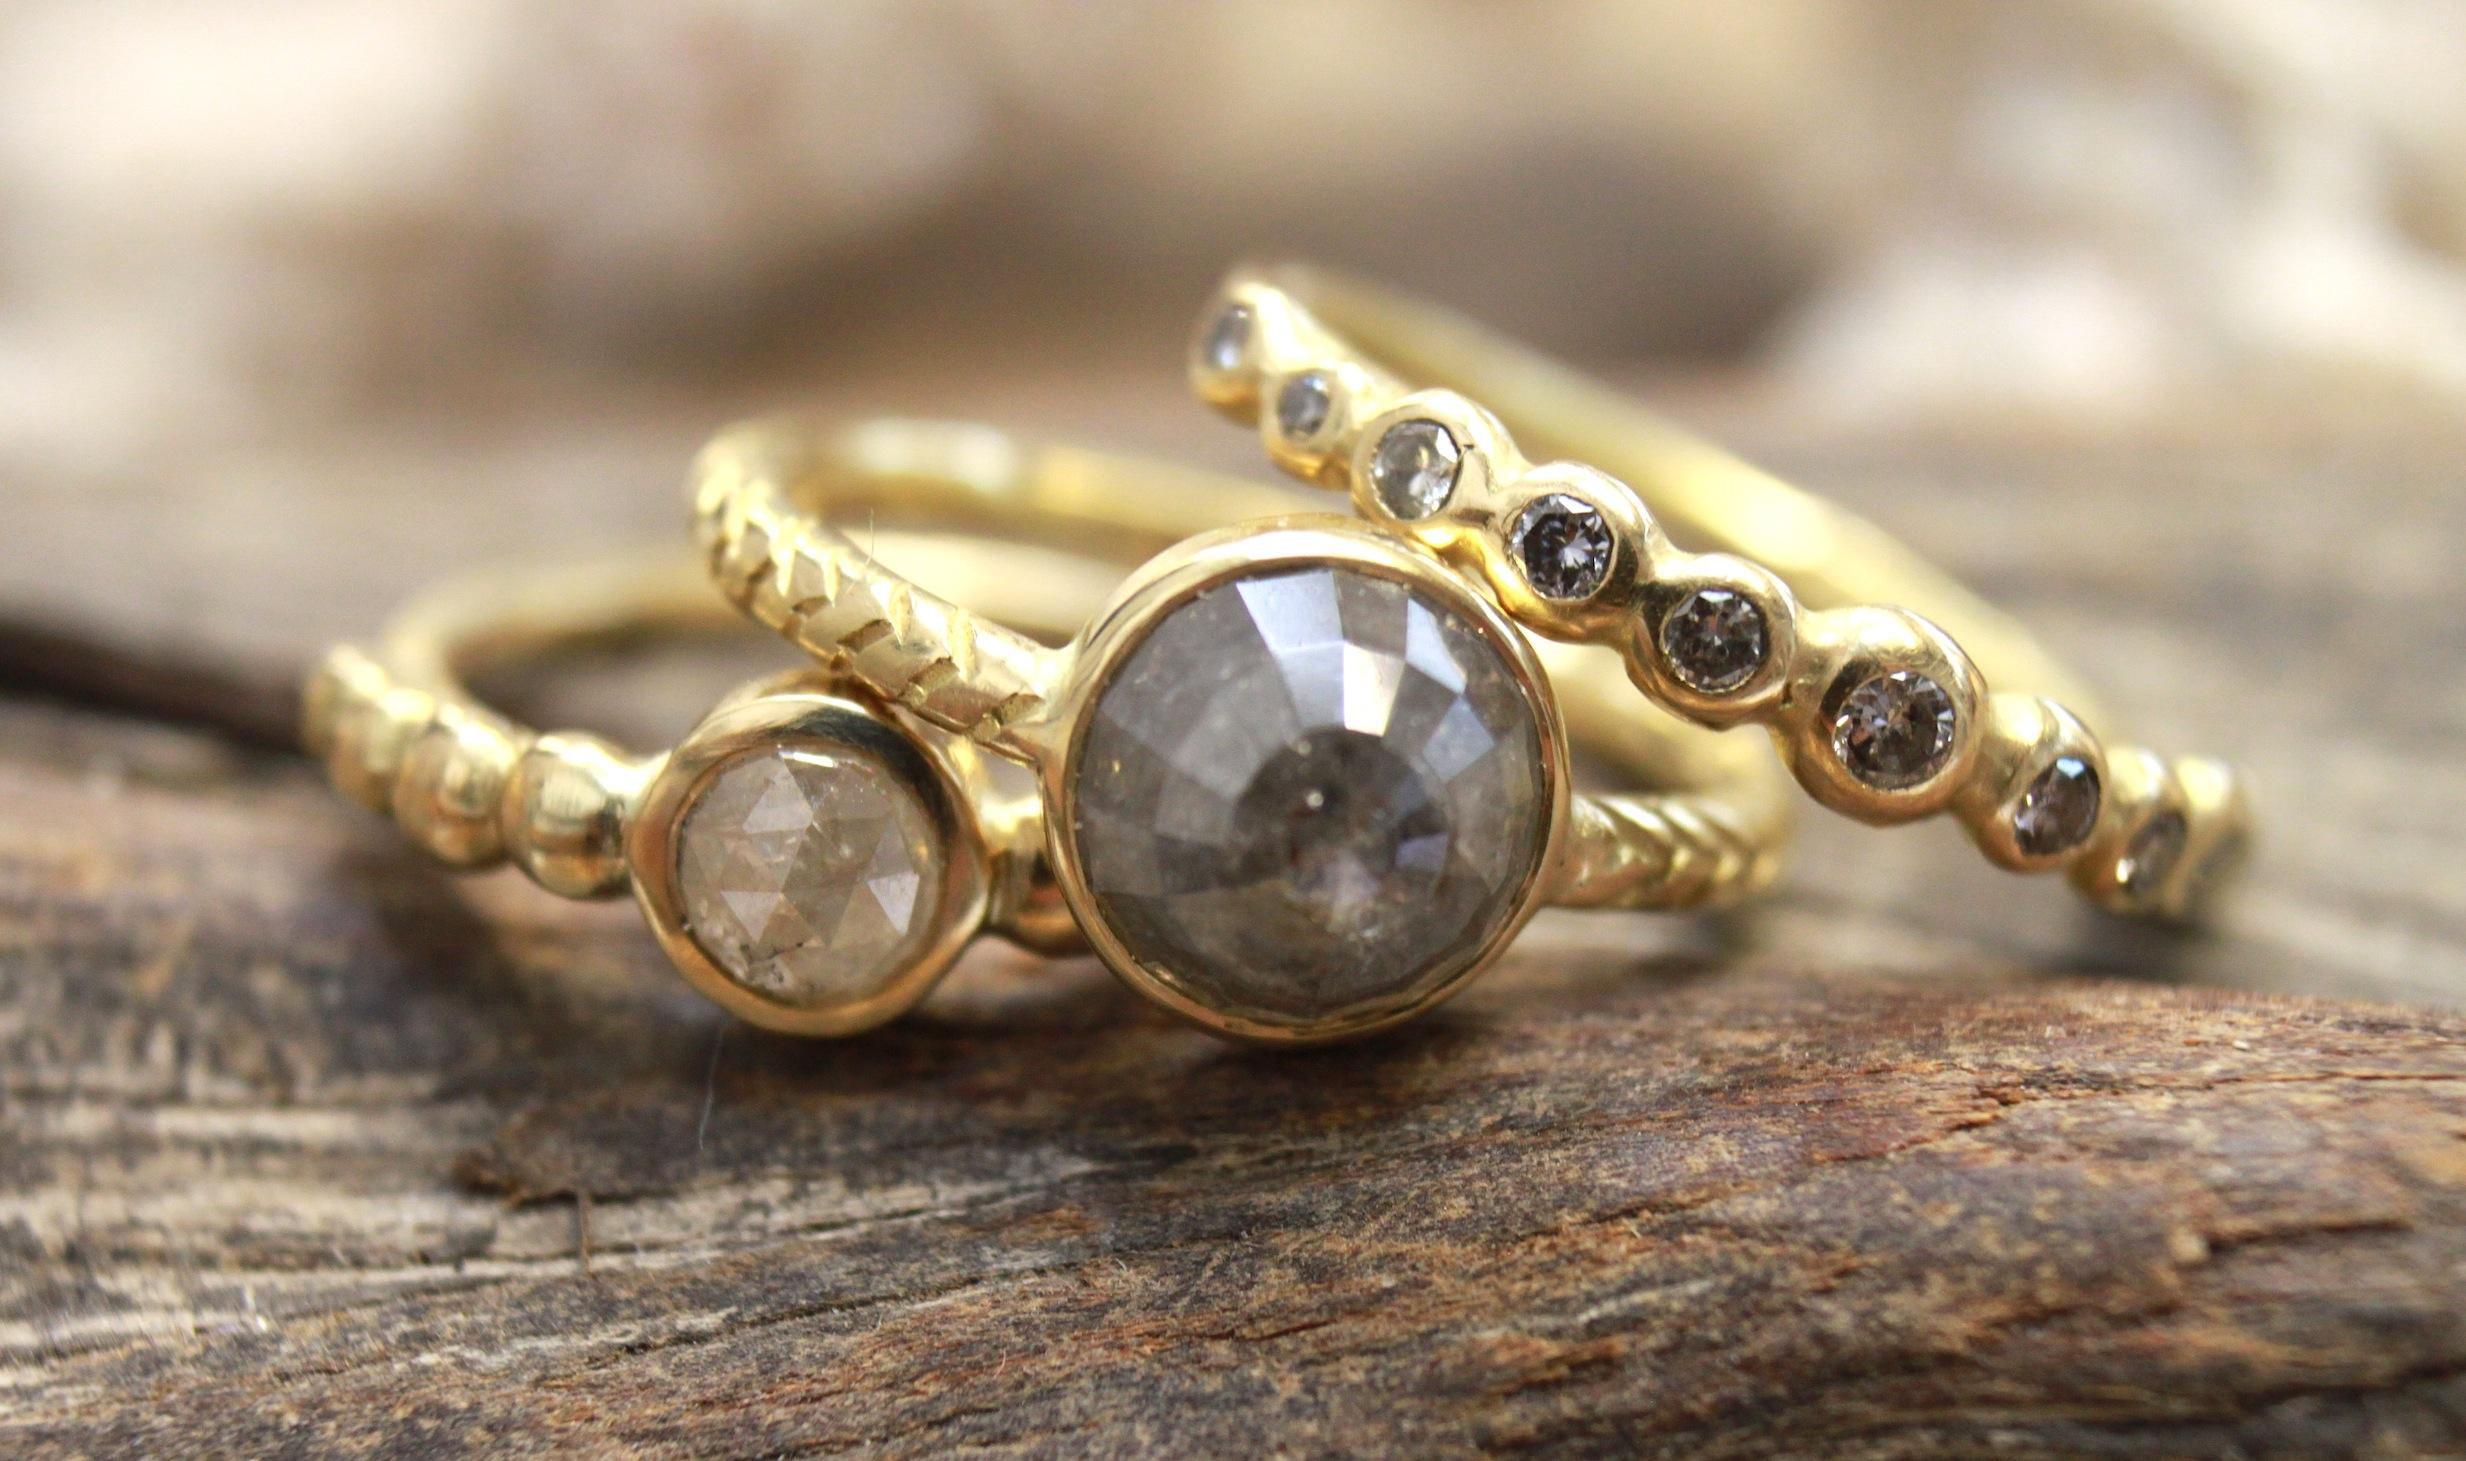 trio of rings.jpg